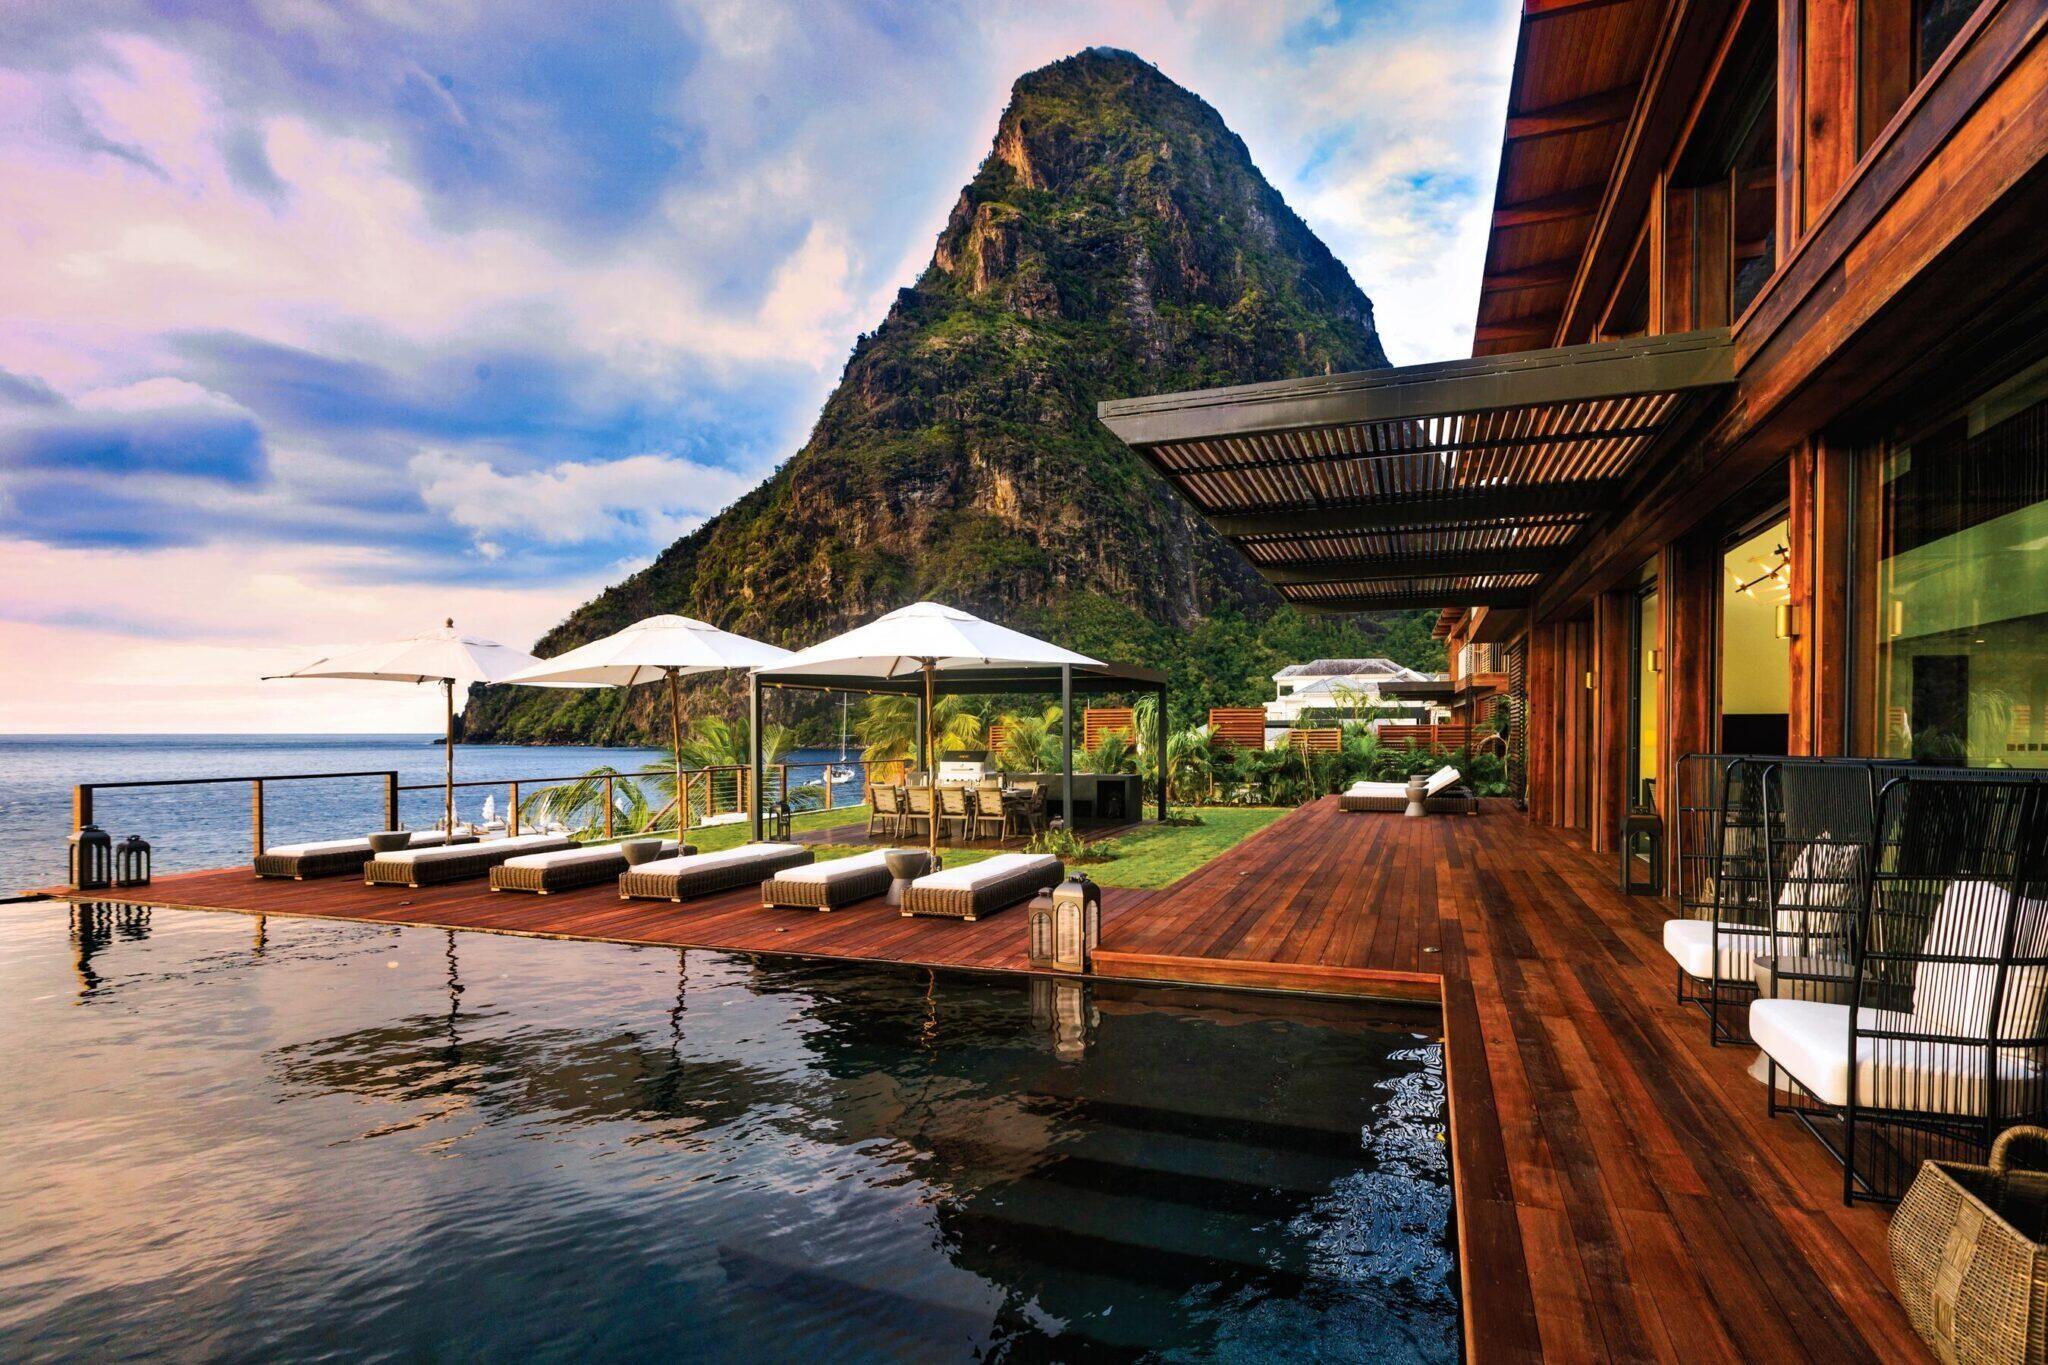 _HotelAwards2020__Caribbean_HERO__HERO 1 IMG_0038x2